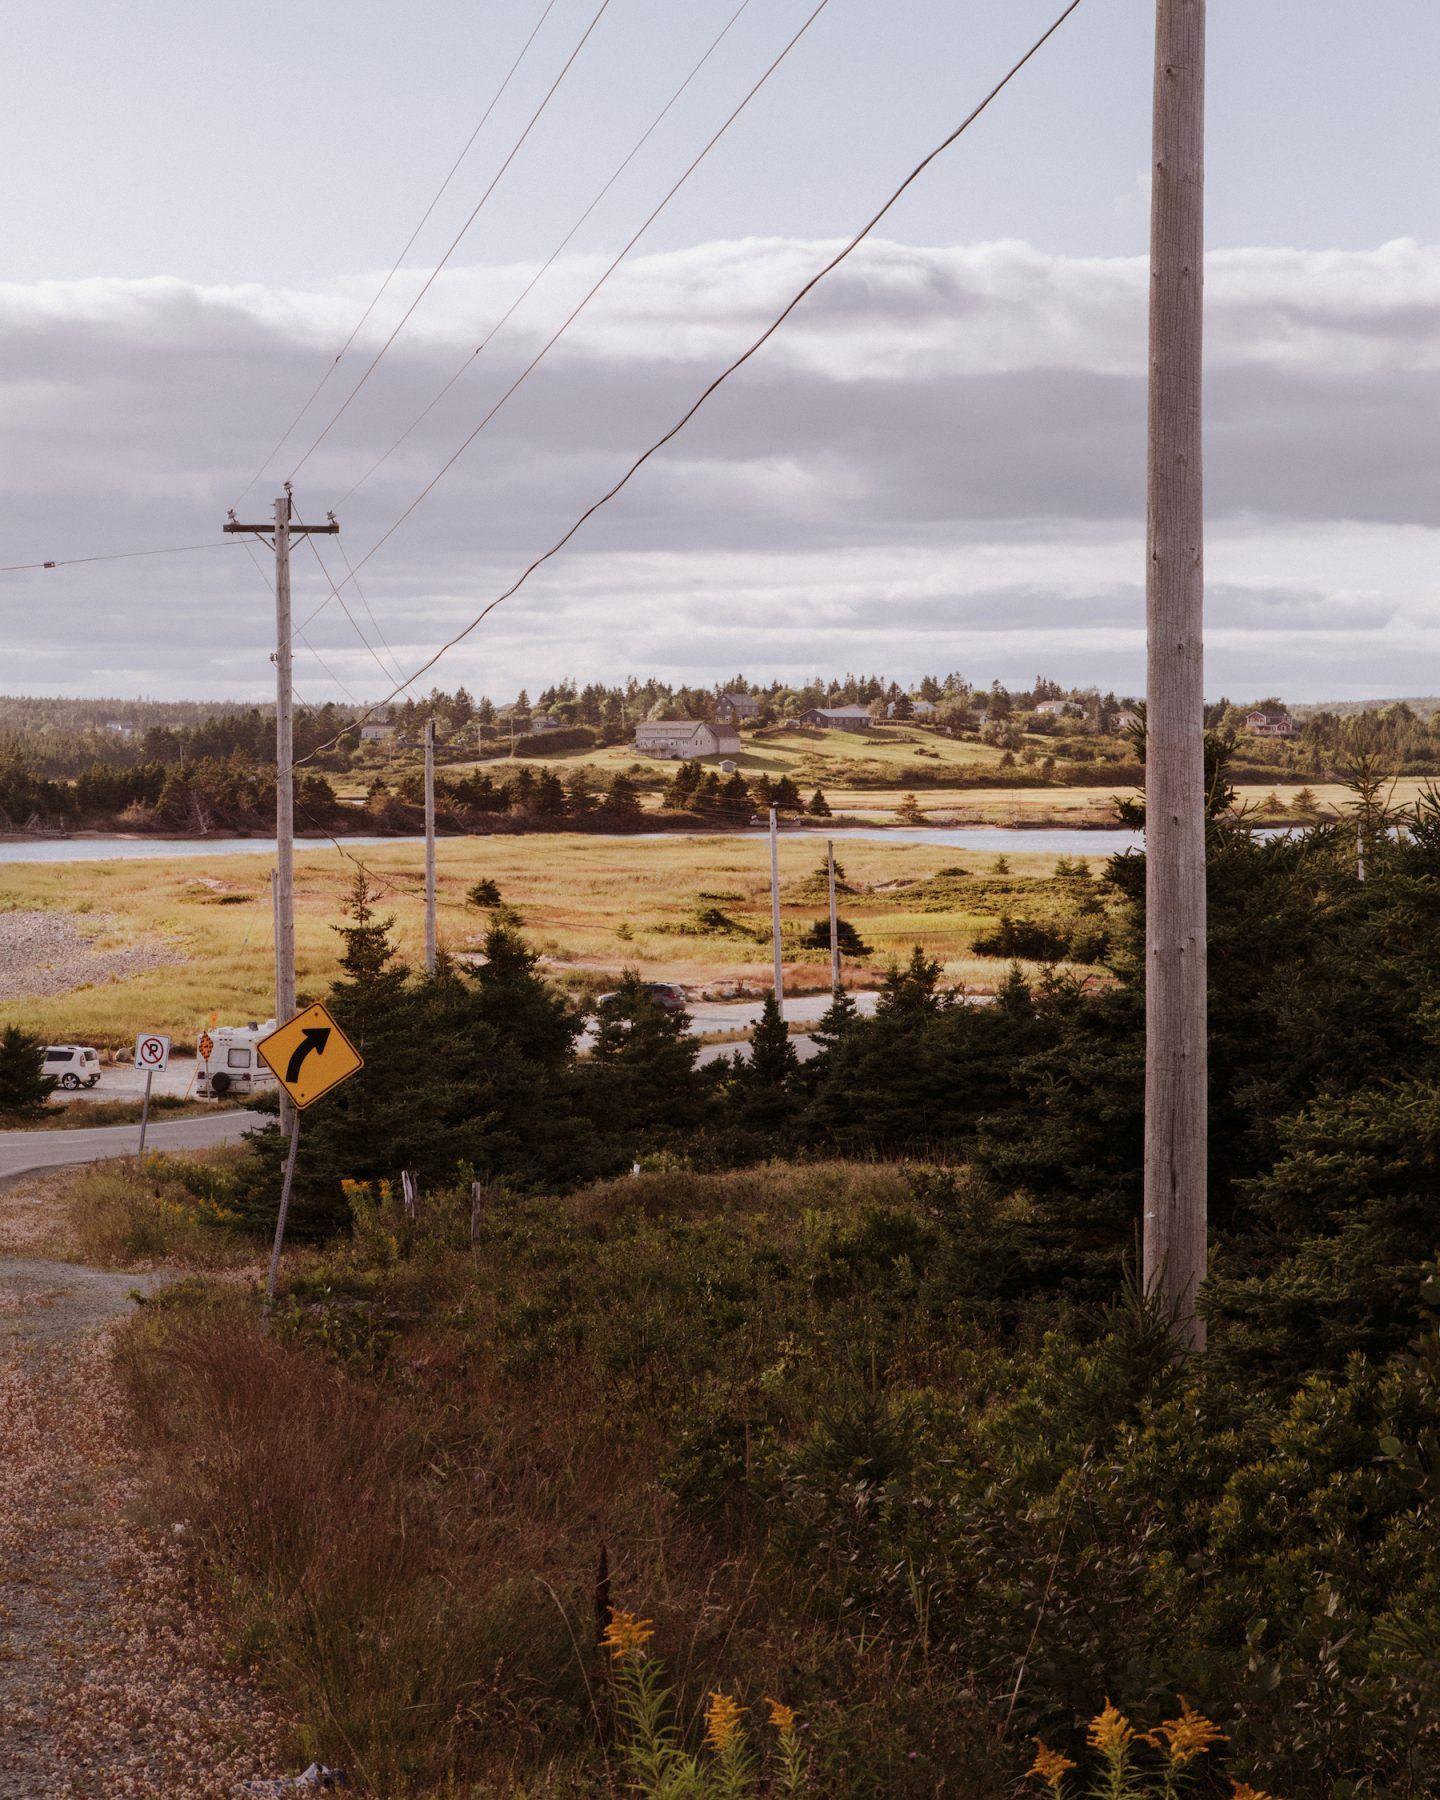 IGNANT-Photography-Landon-Speers-Nova-Scotia-08